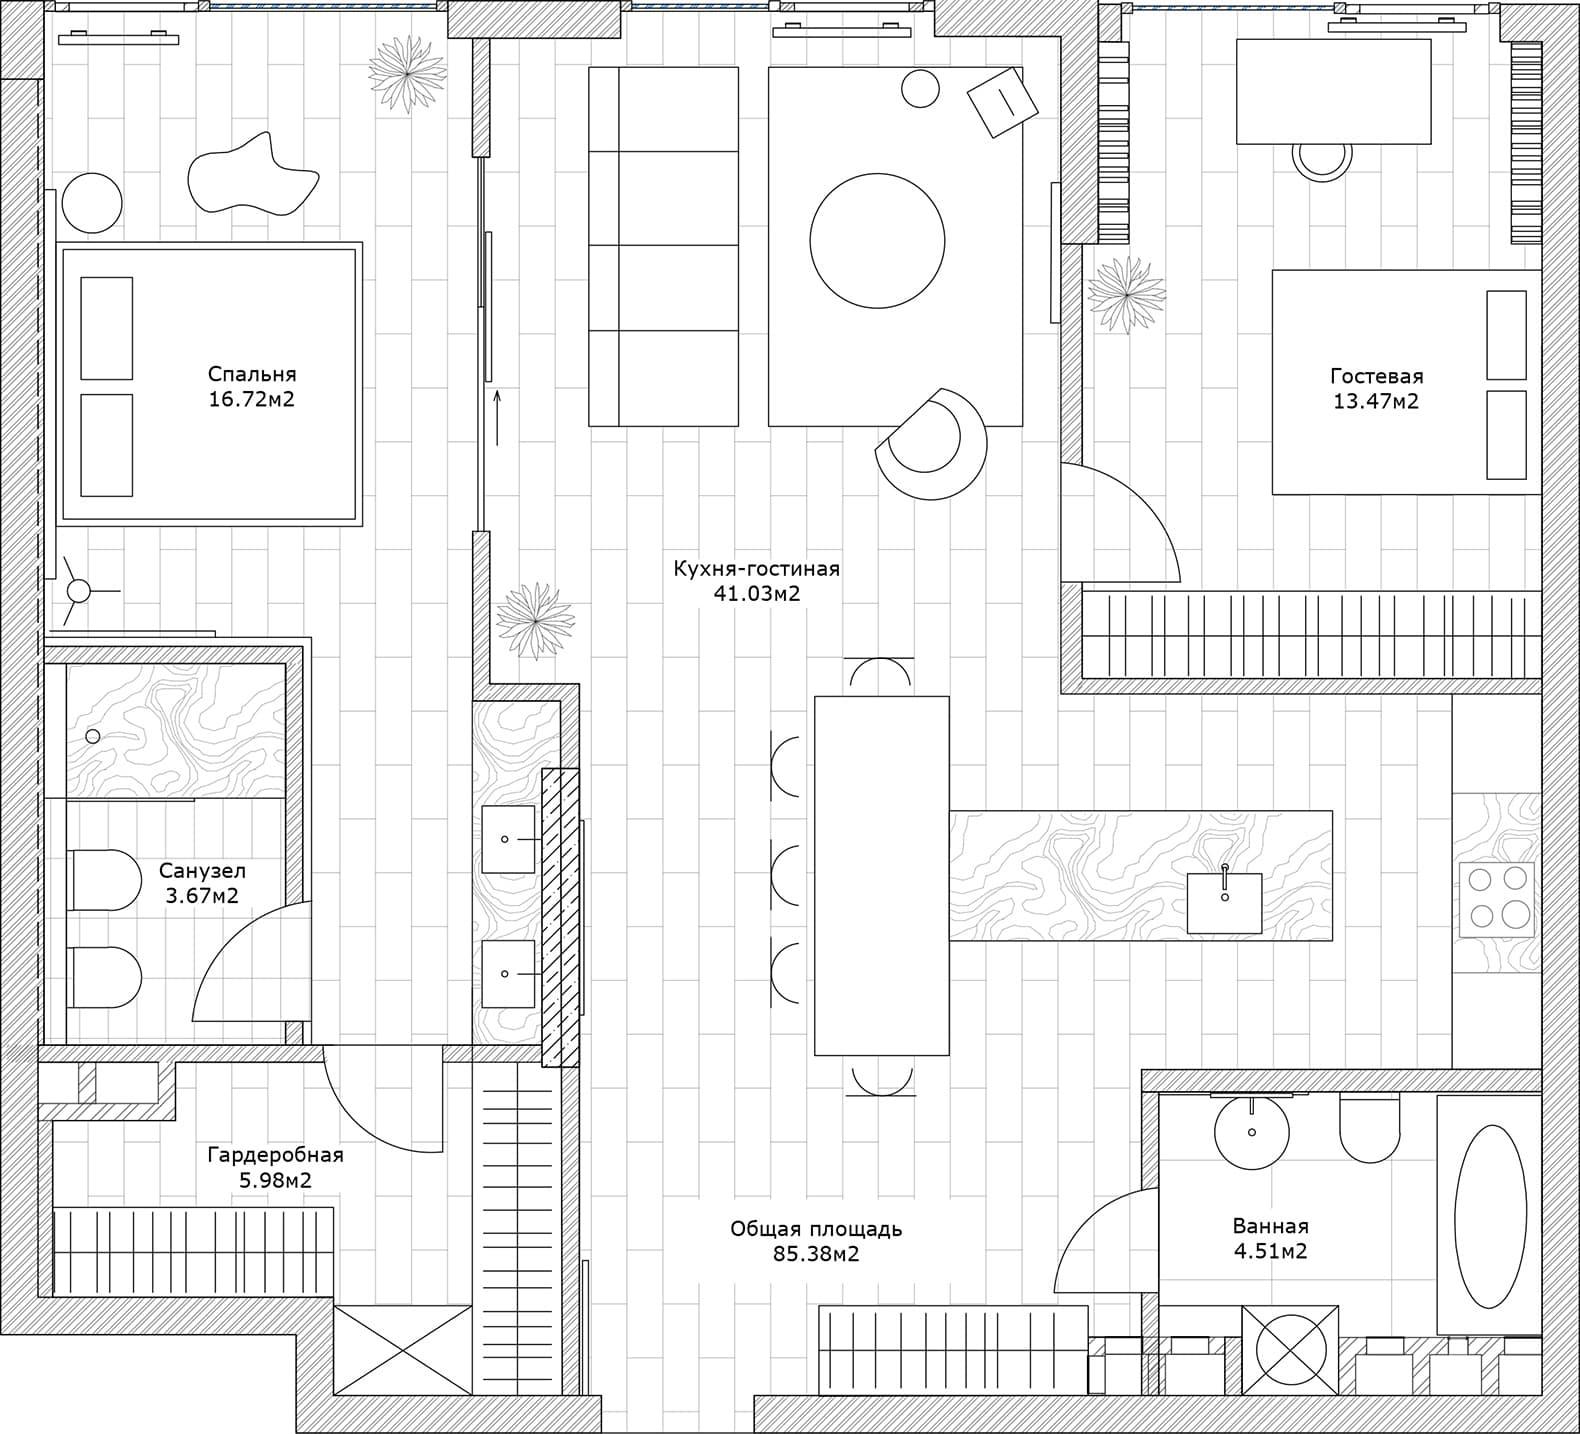 Киевская квартира в стиле mix and match – проект студии Sunday12 Interior LAB. Планировка